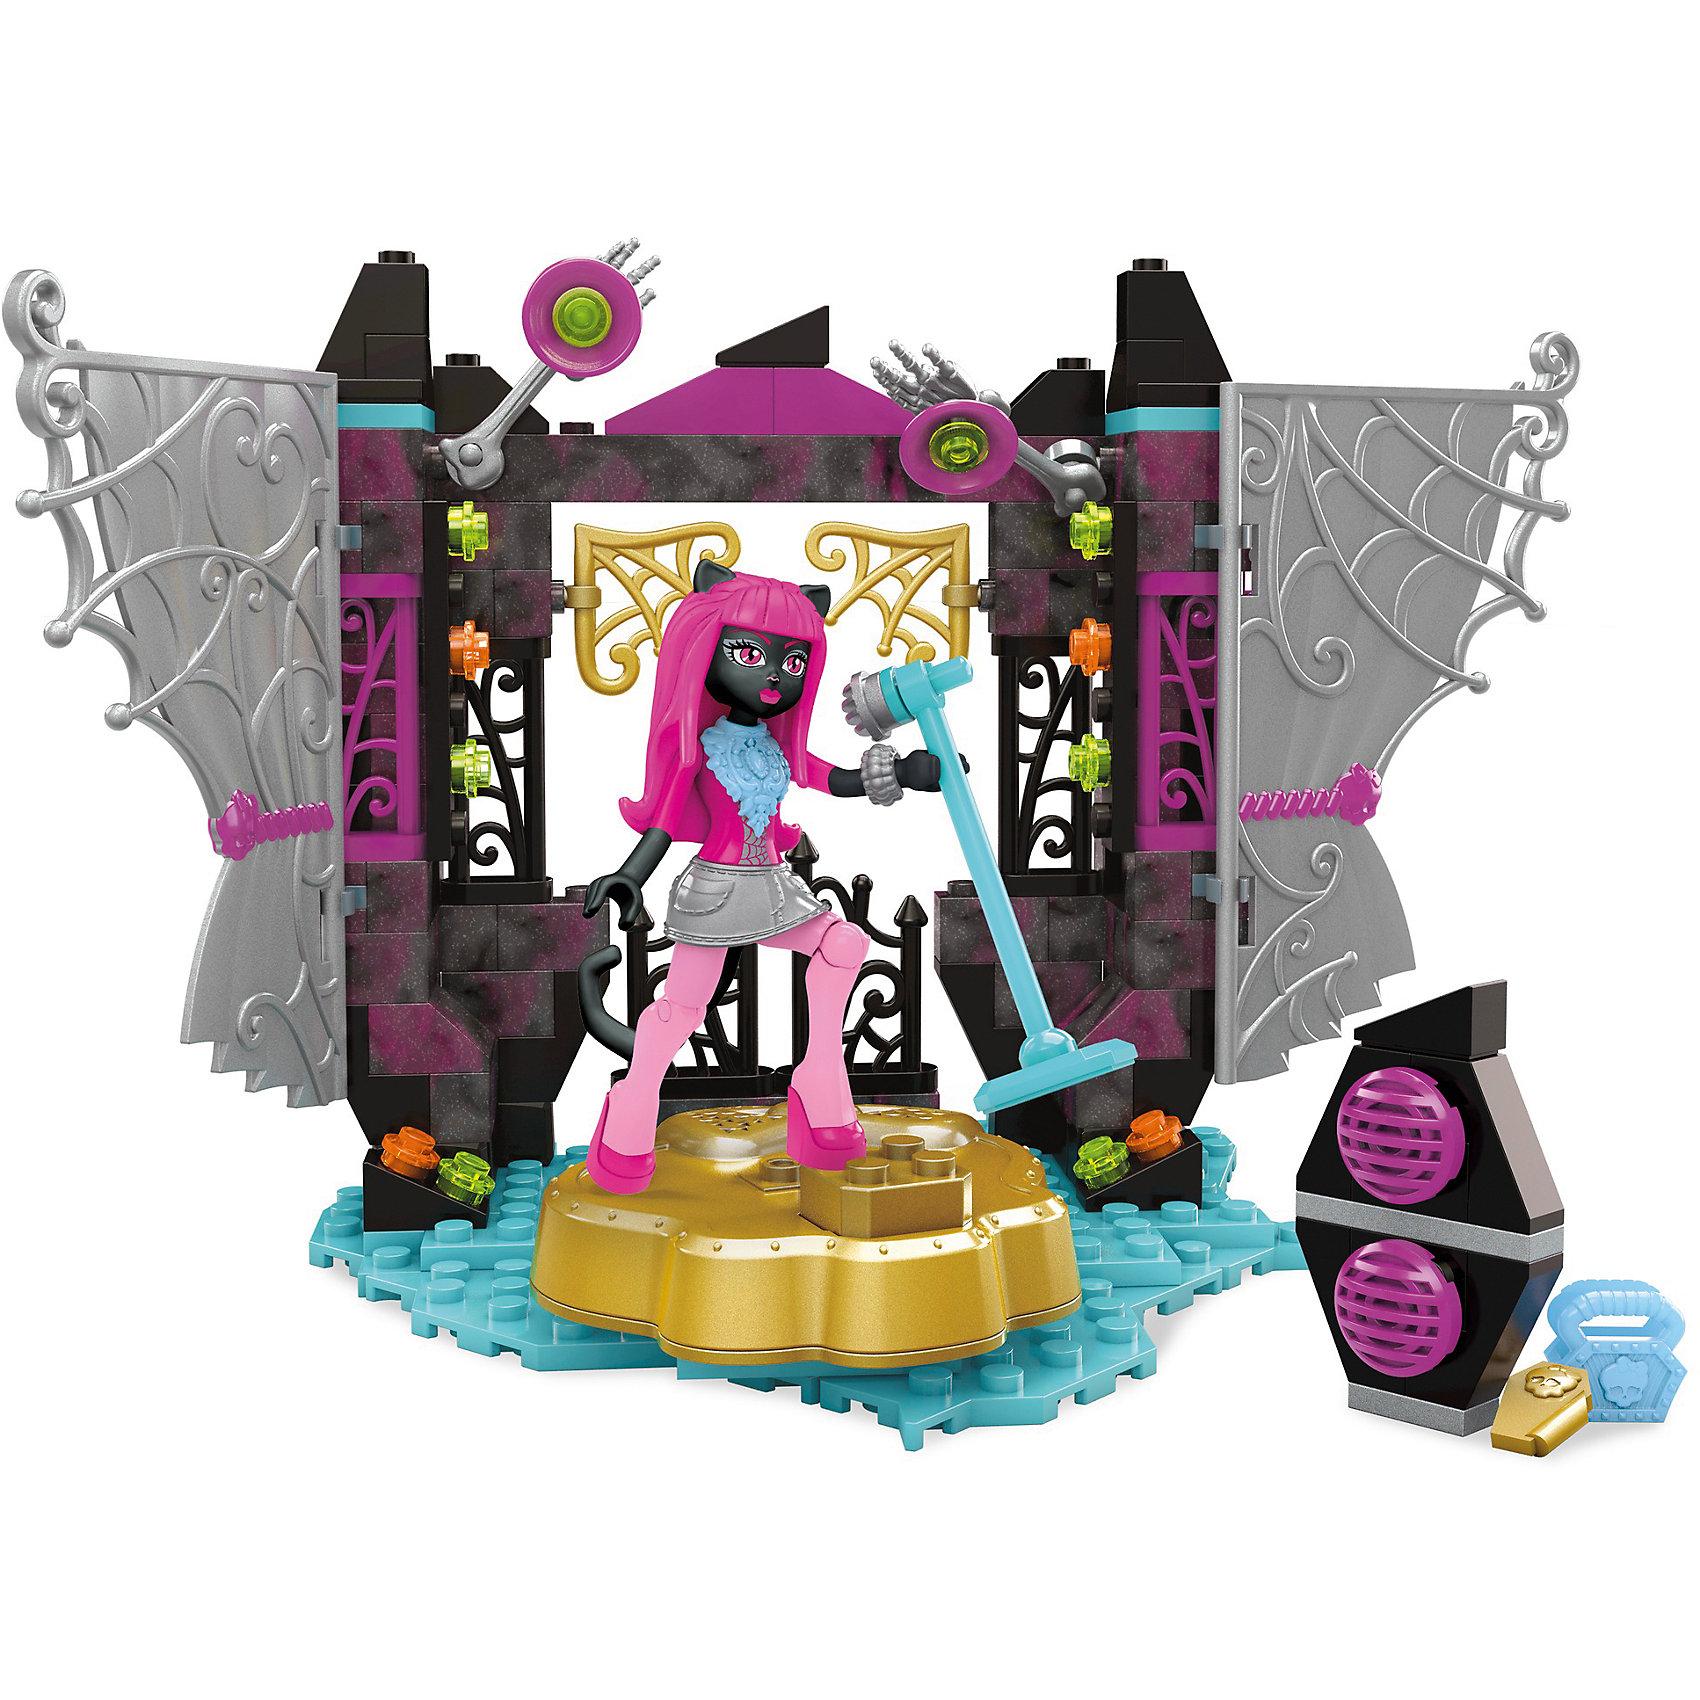 MEGA BLOKS Monster High: Игровой набор Звездная сцена, MEGA BLOKS barbie игровой набор звездная сцена из серии barbie рок принцесса